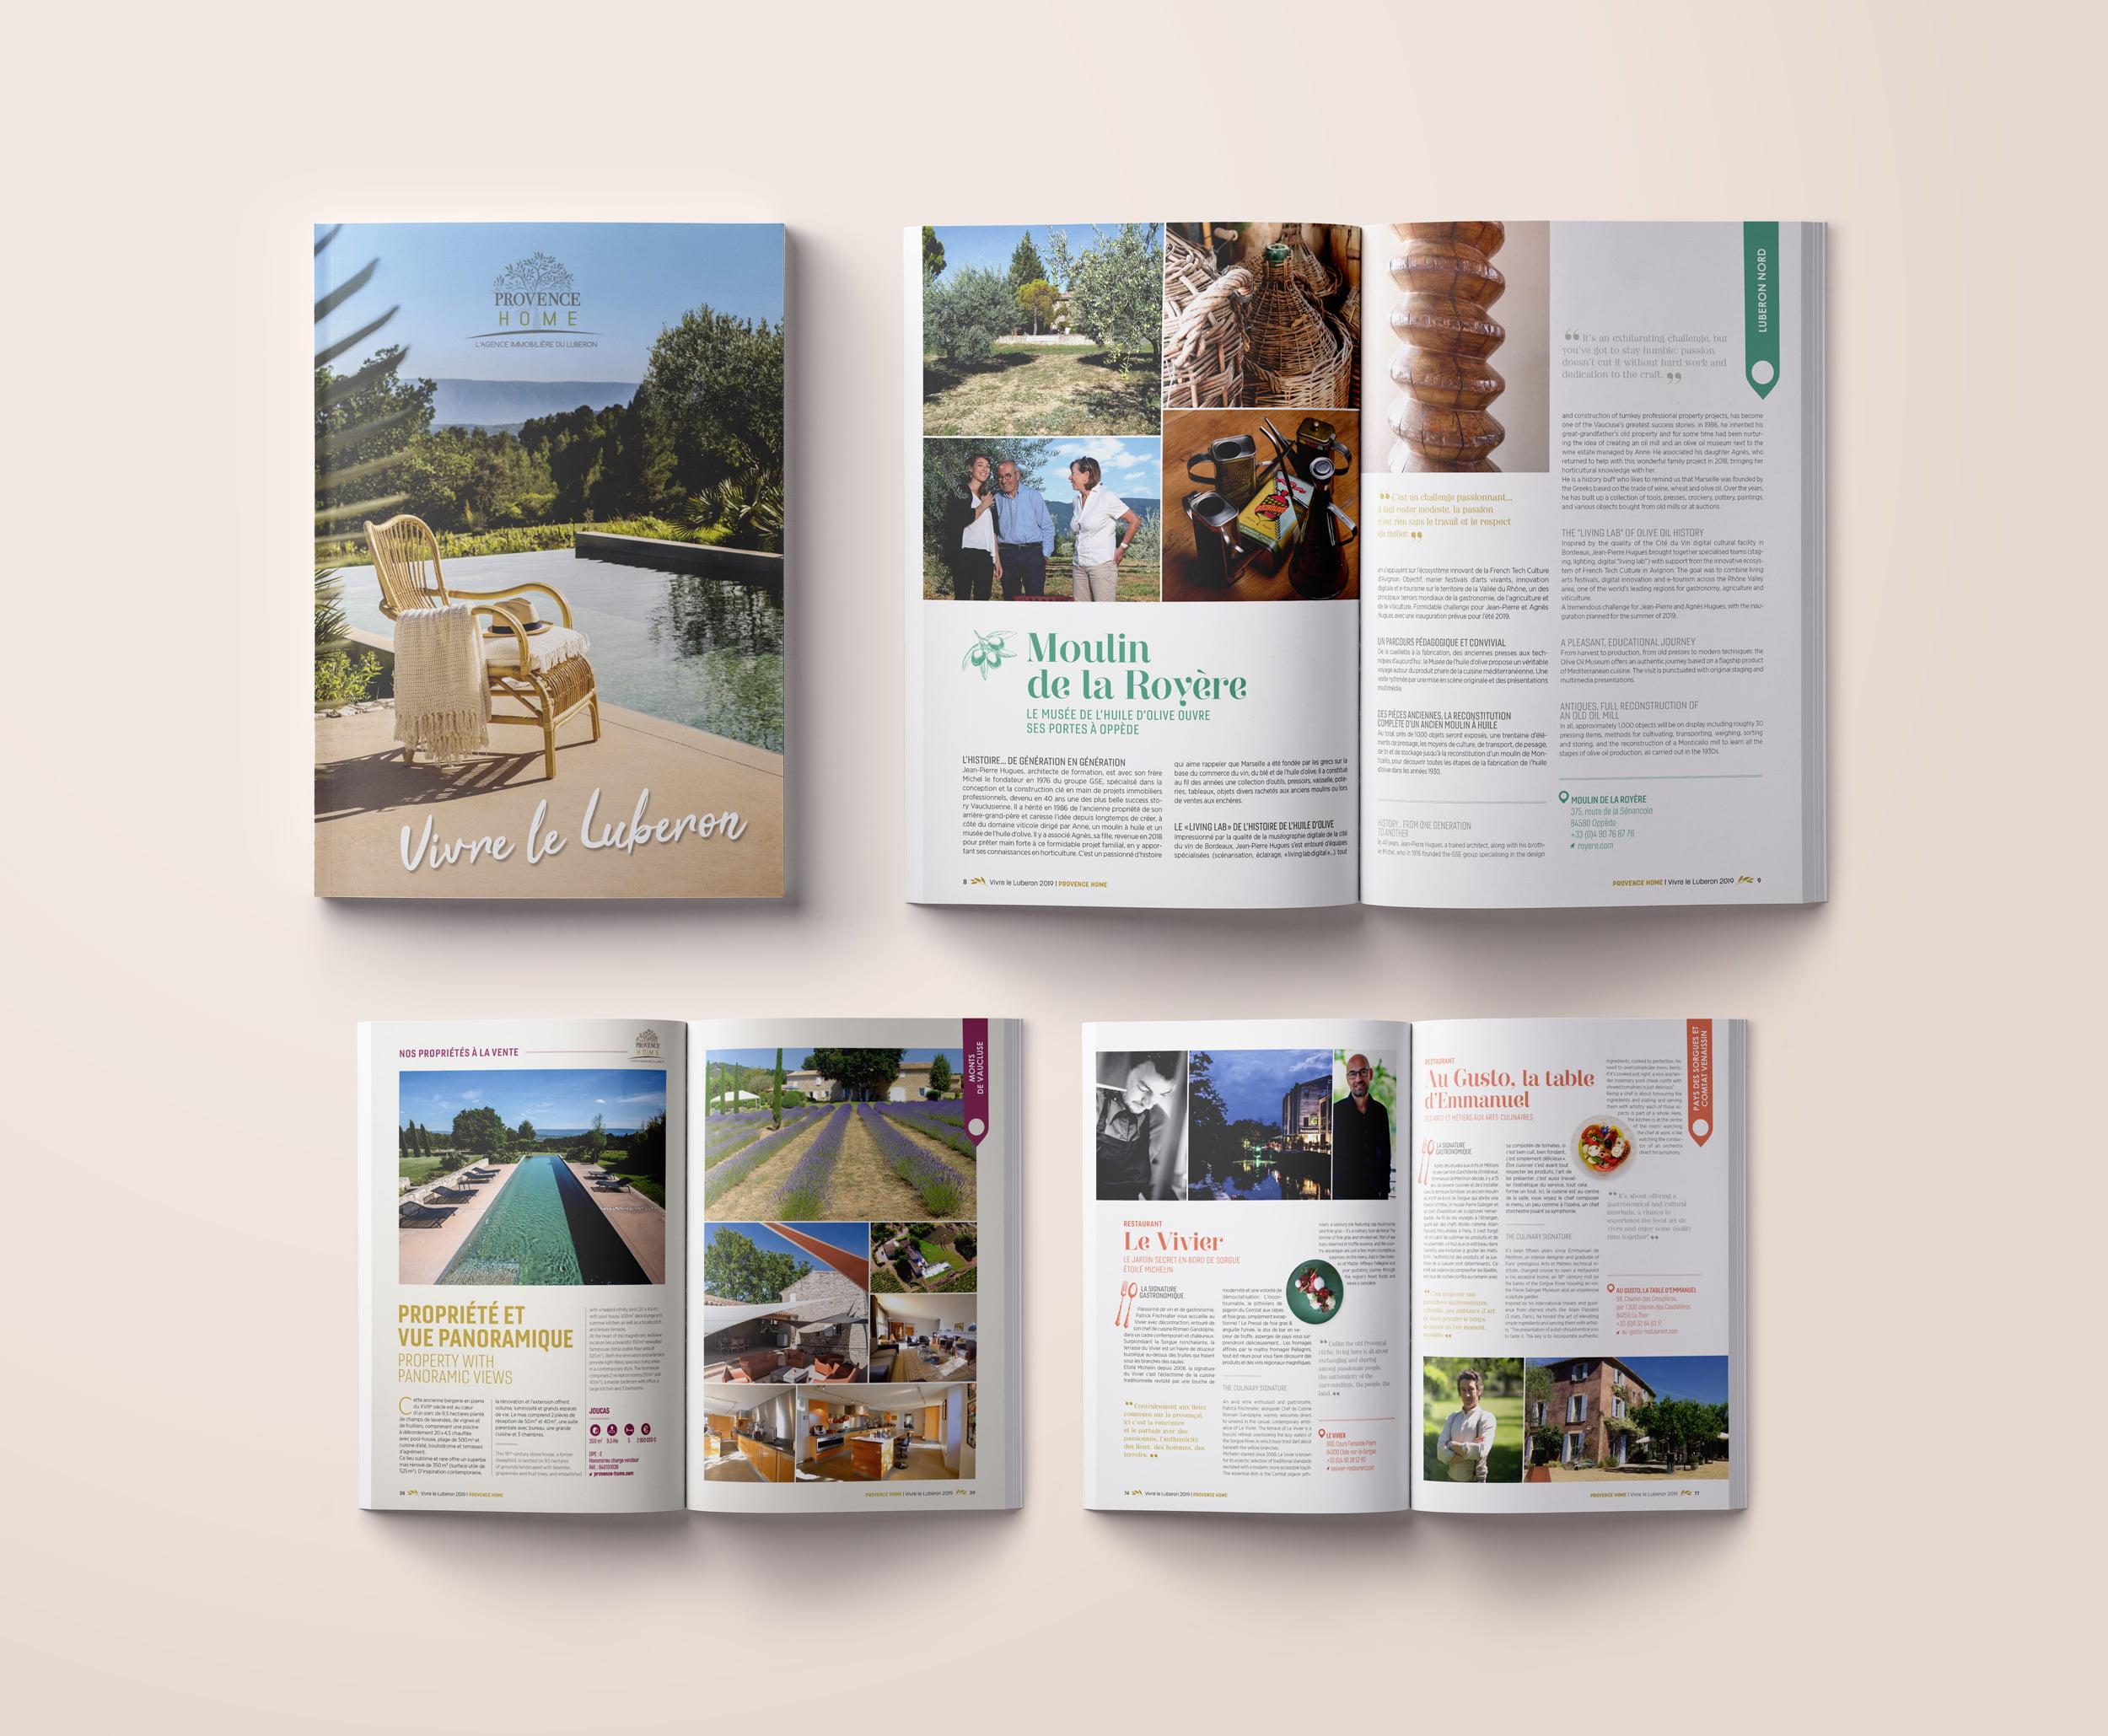 Provence Home, Edition du livre sur le Luberon